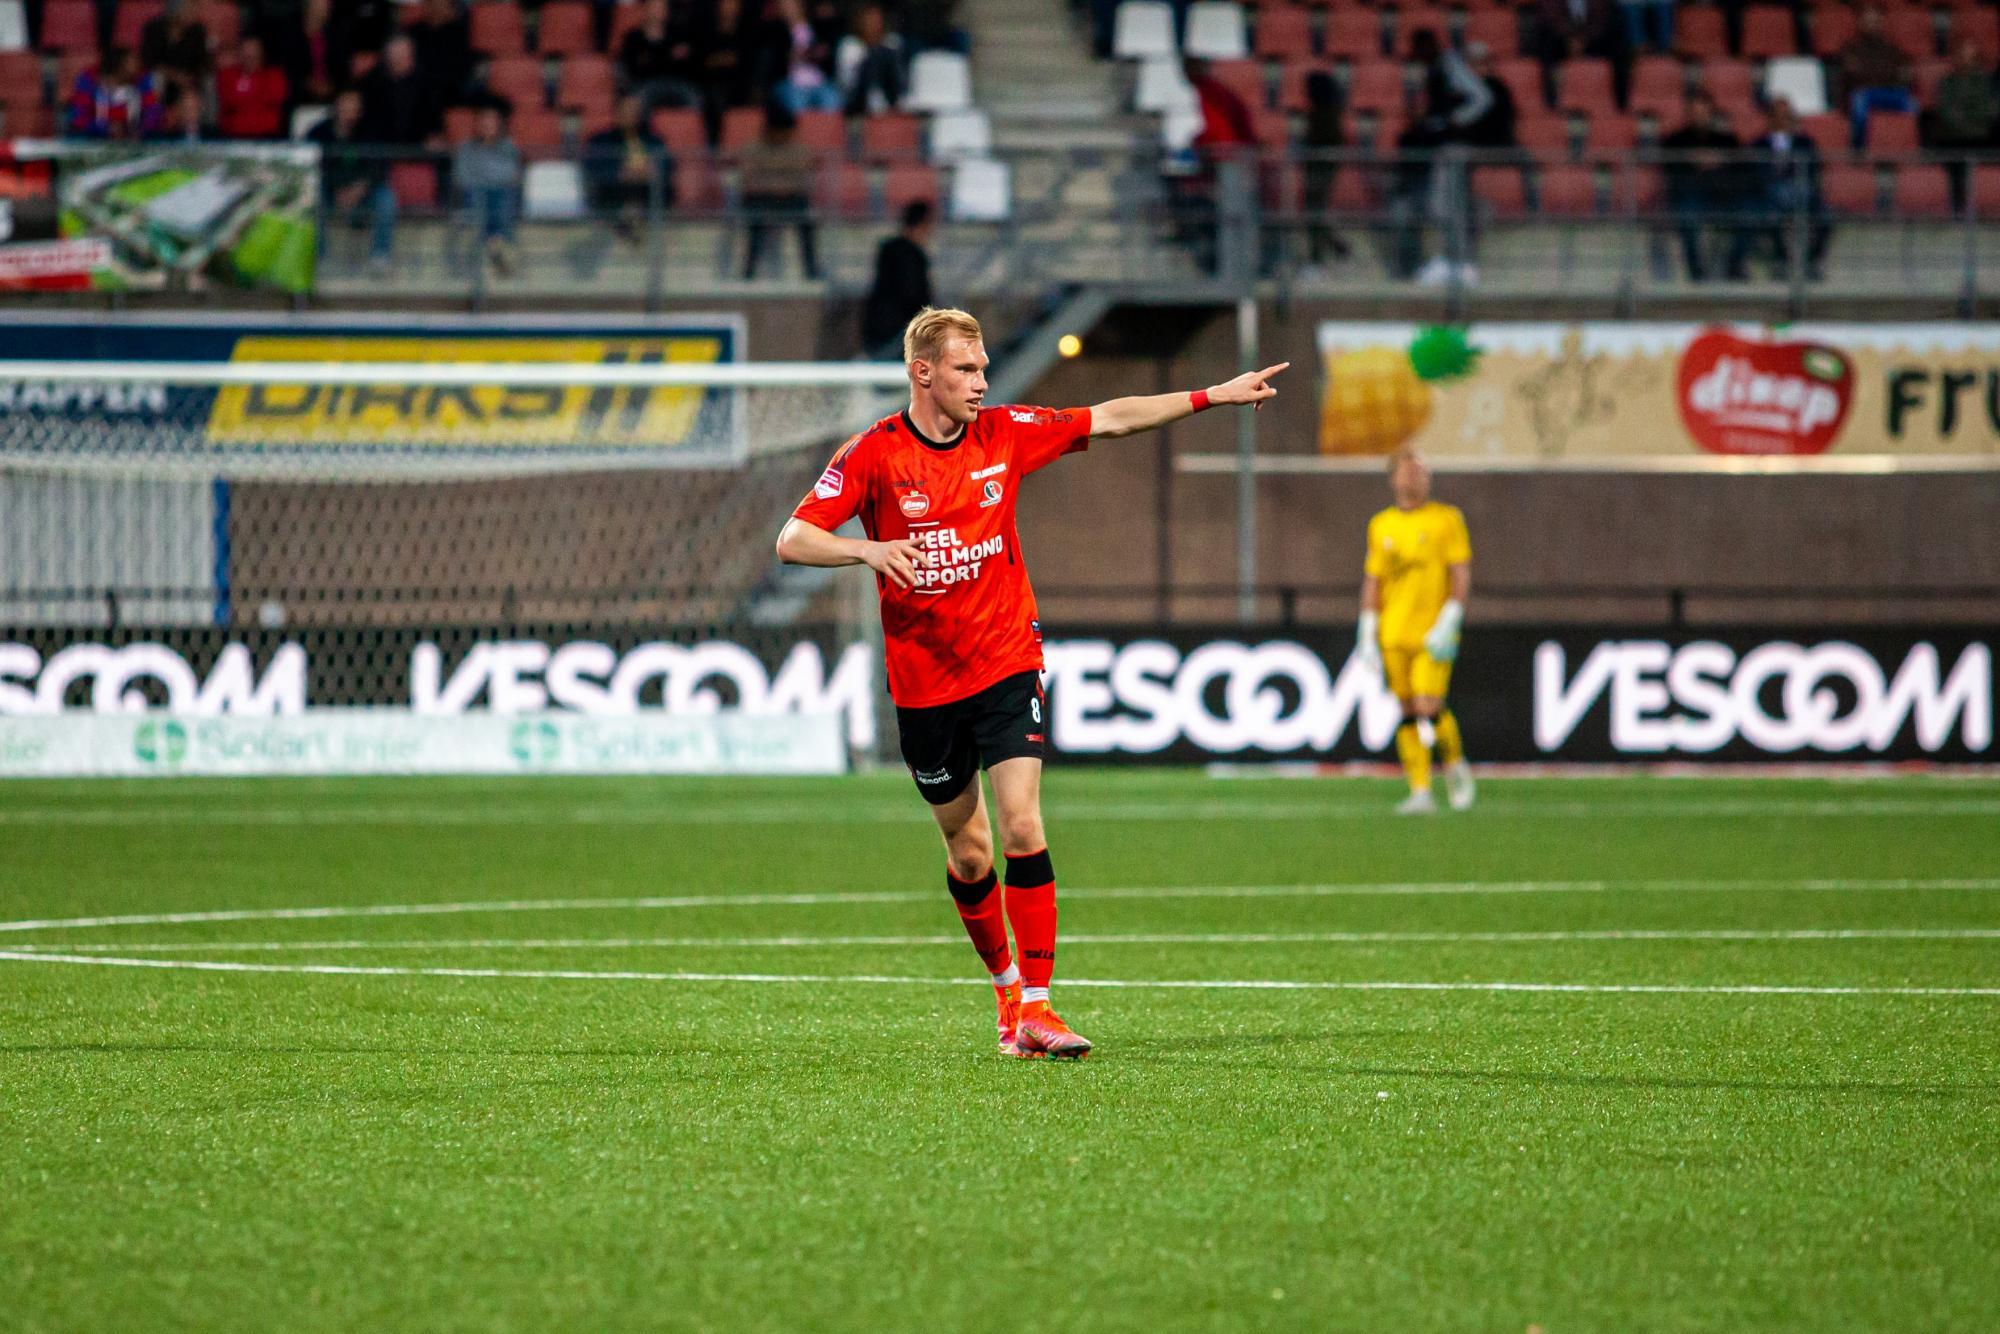 PSV_VanLandschoot.jpg